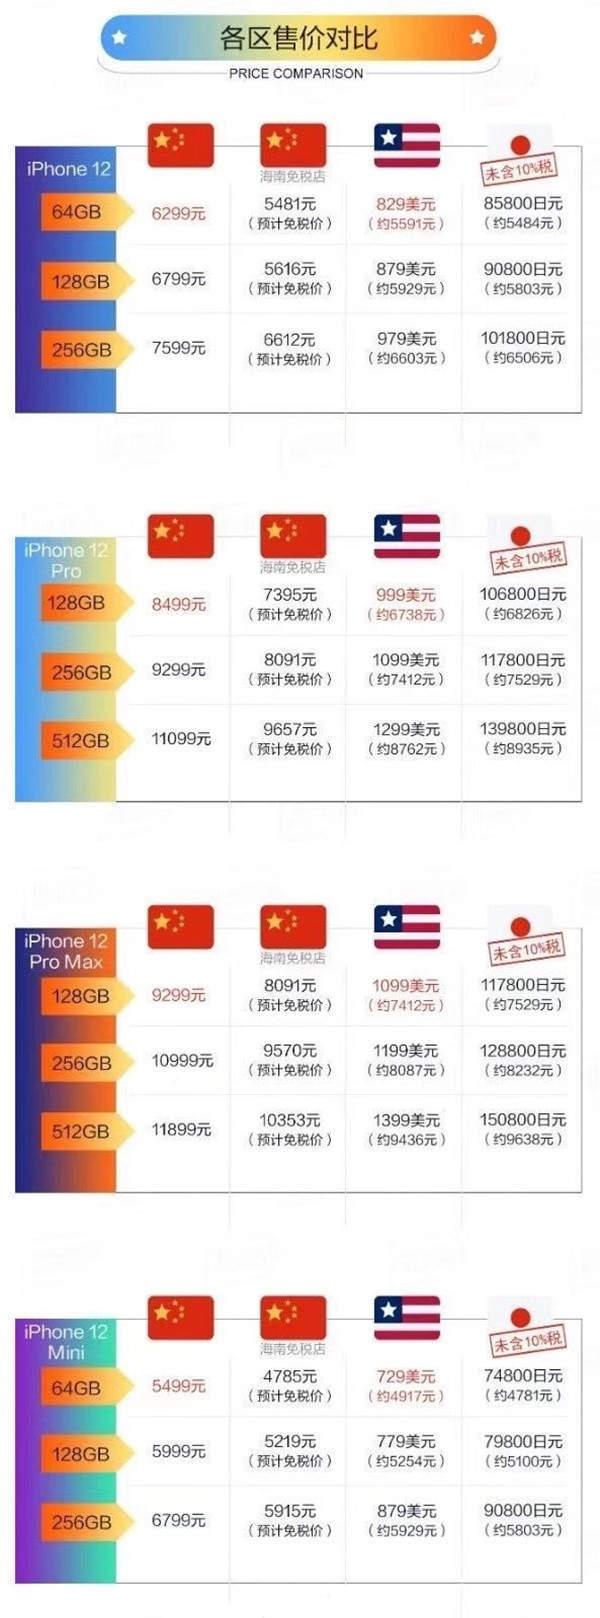 怎么买iPhone12便宜,国内买iPhone12最省钱的办法